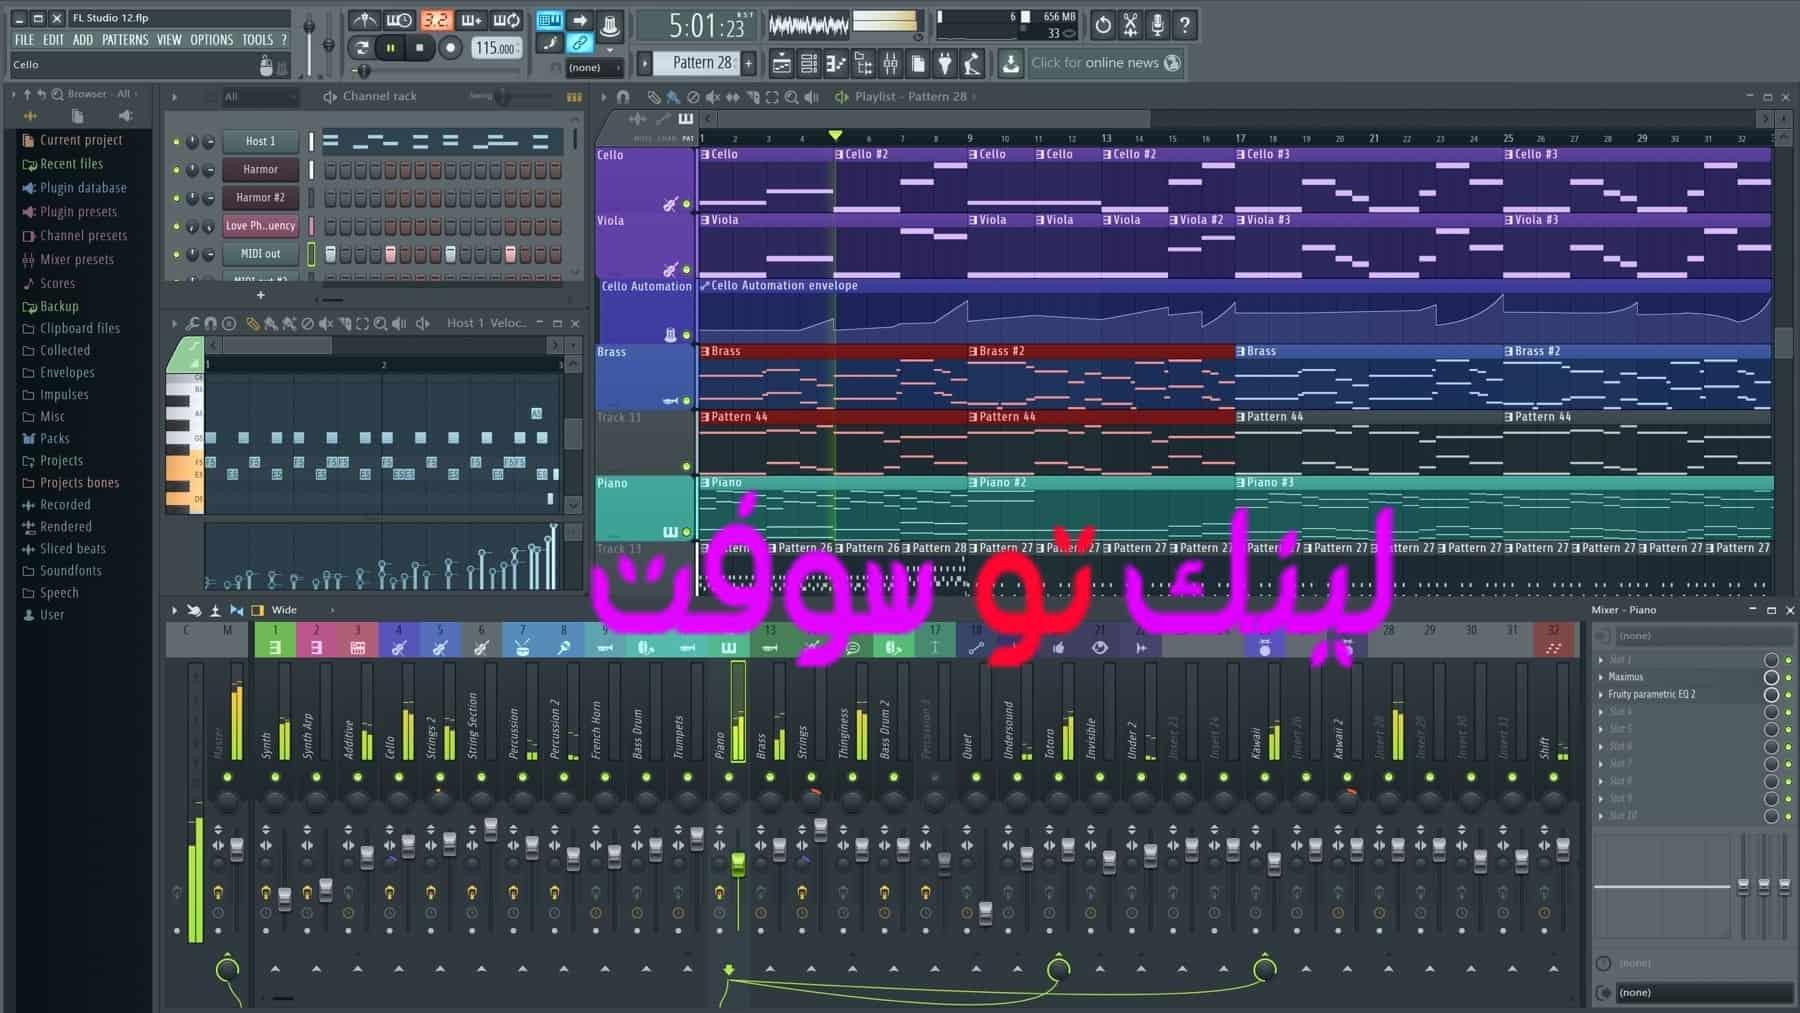 برنامج fl studio